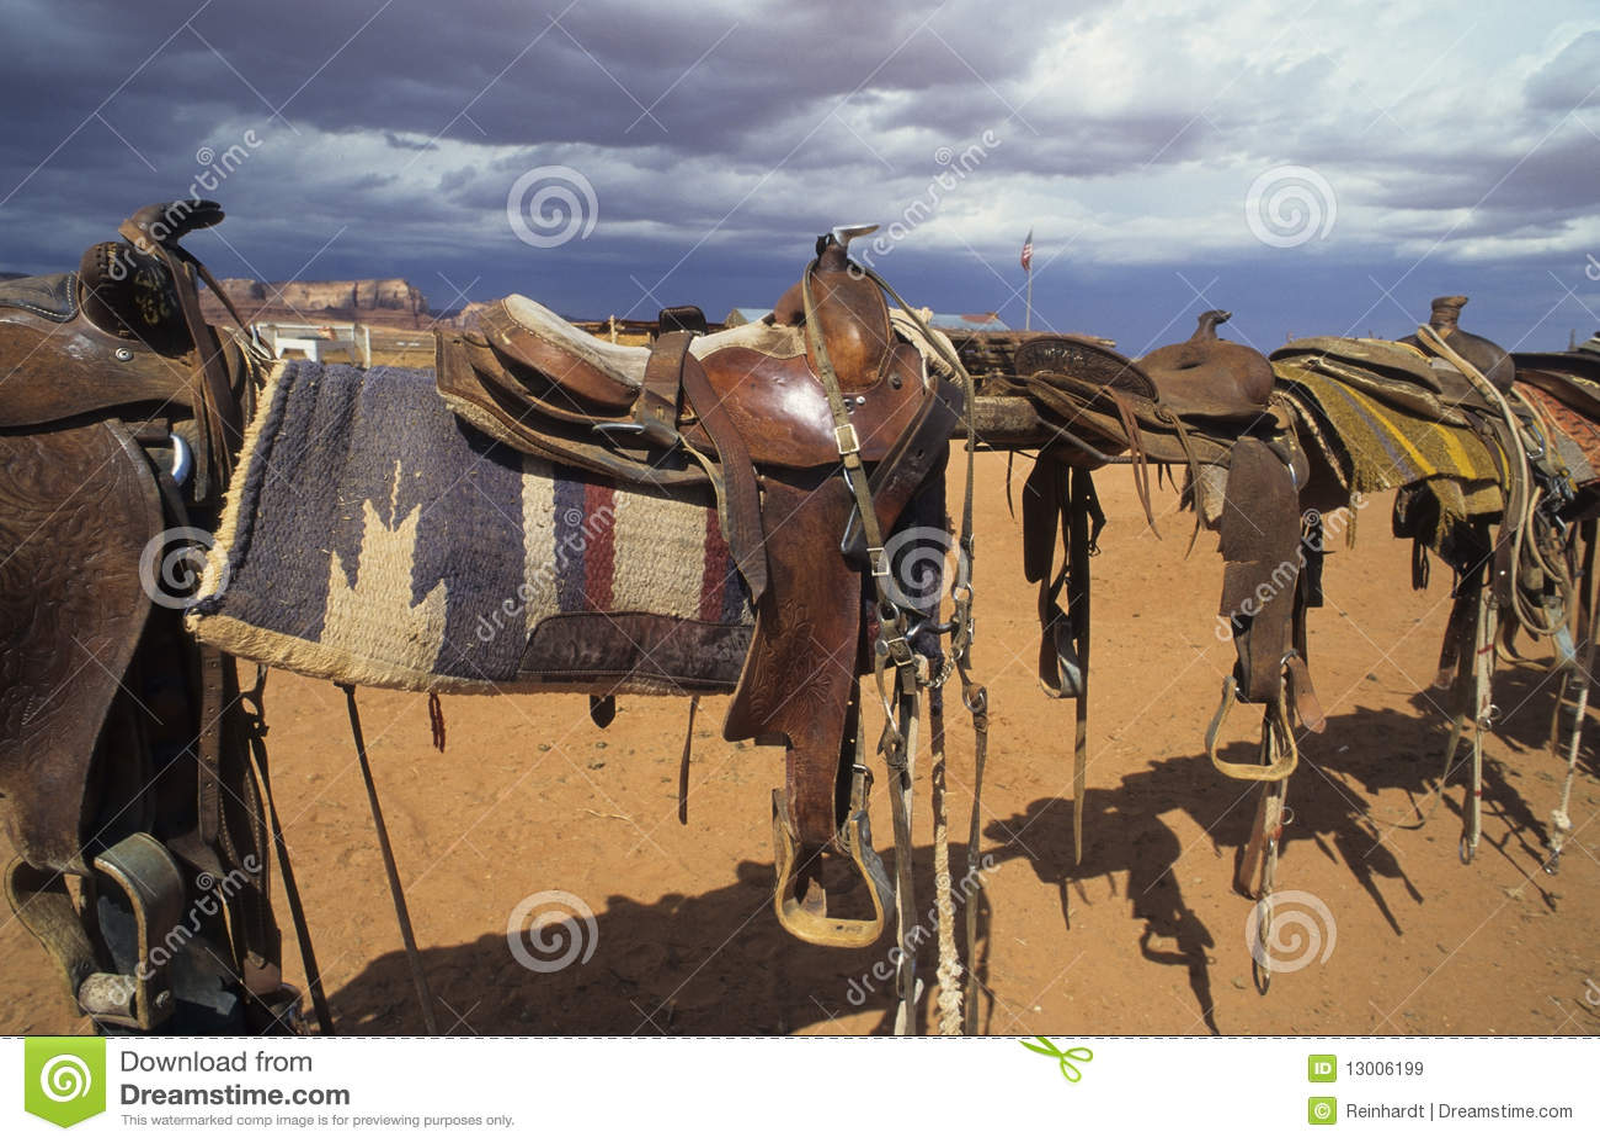 Western saddles stock image  Image of saddle, leather - 13006199